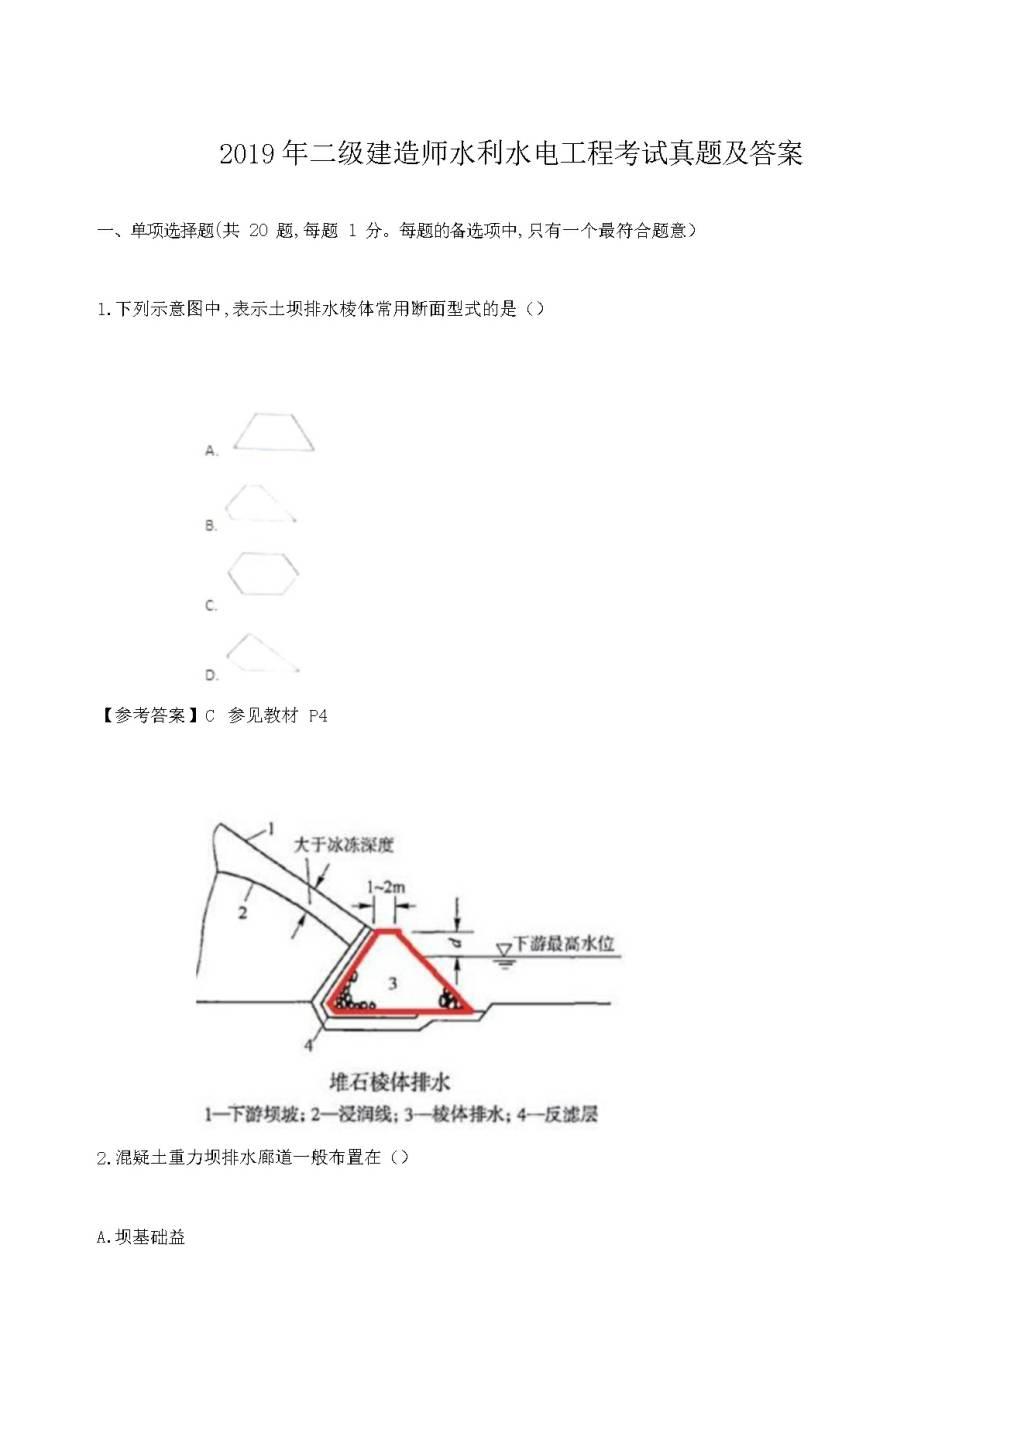 2019年二级建造师水利水电工程考试真题及答案(文件编号:20122613)